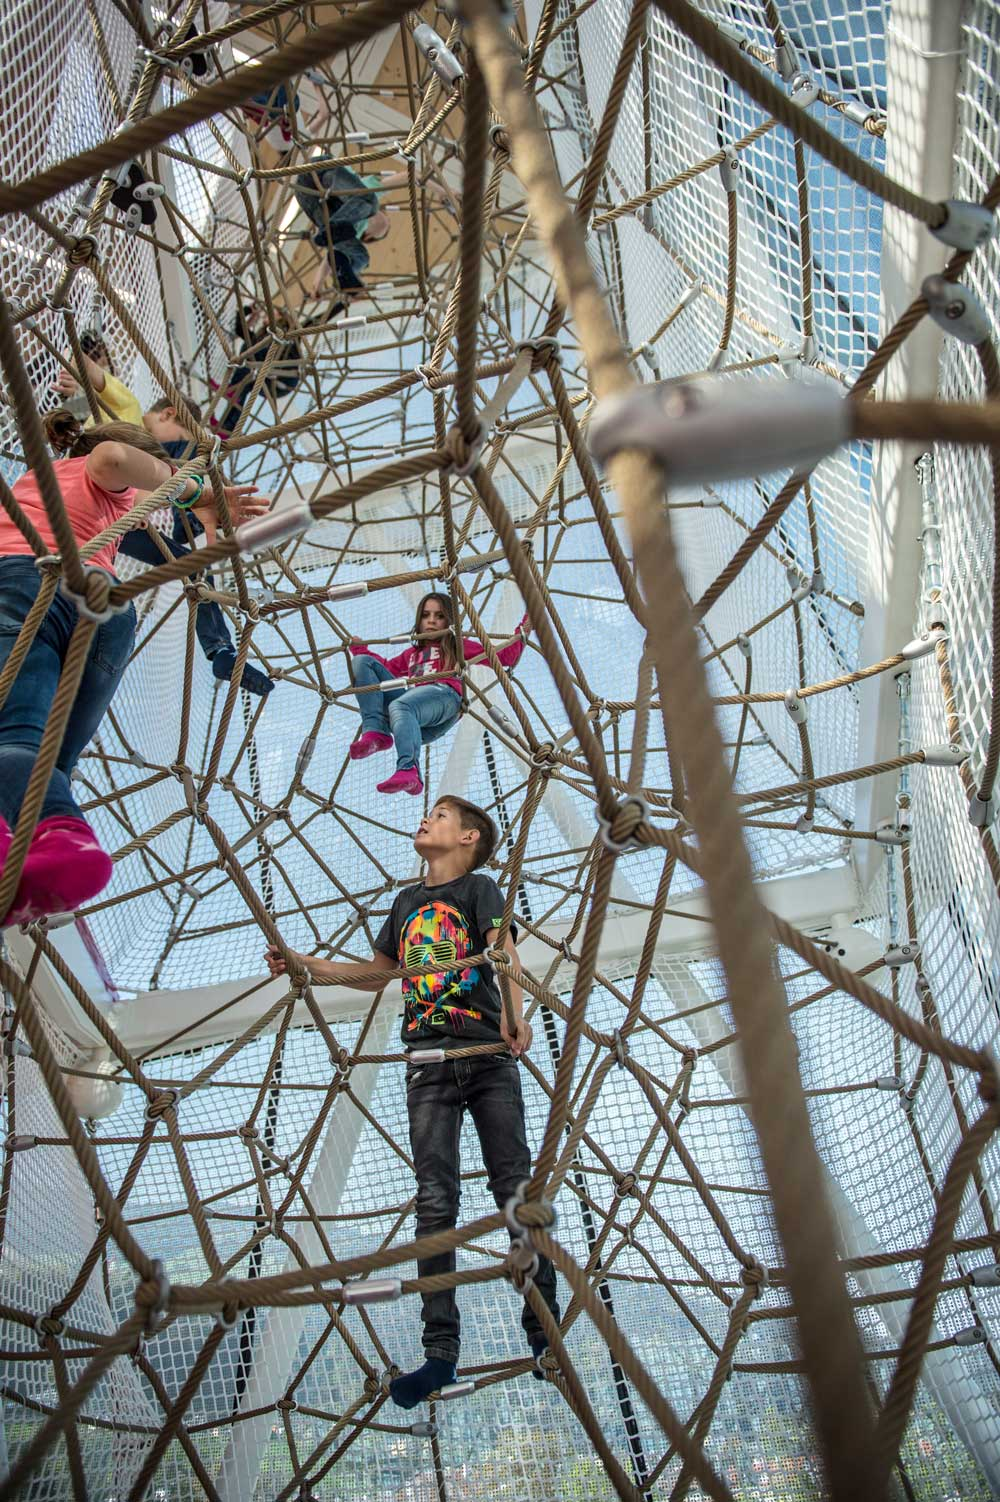 Swarovski, Raumnetz Indoor - Berliner Seilfabrik – Spielgeräte fürs Leben